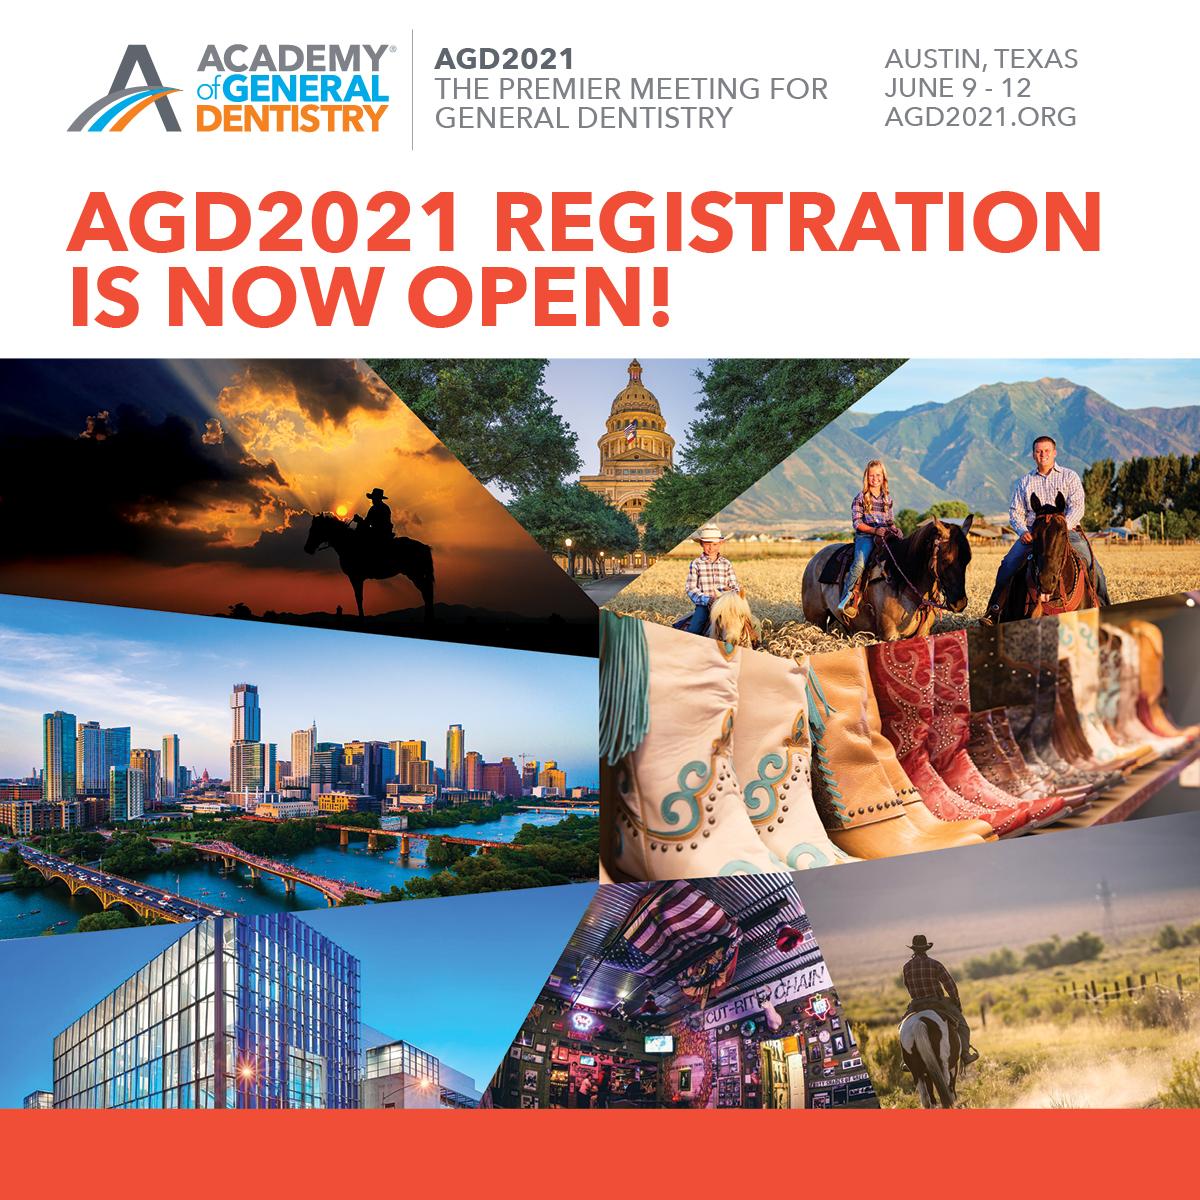 July 16_AGD2021 registration